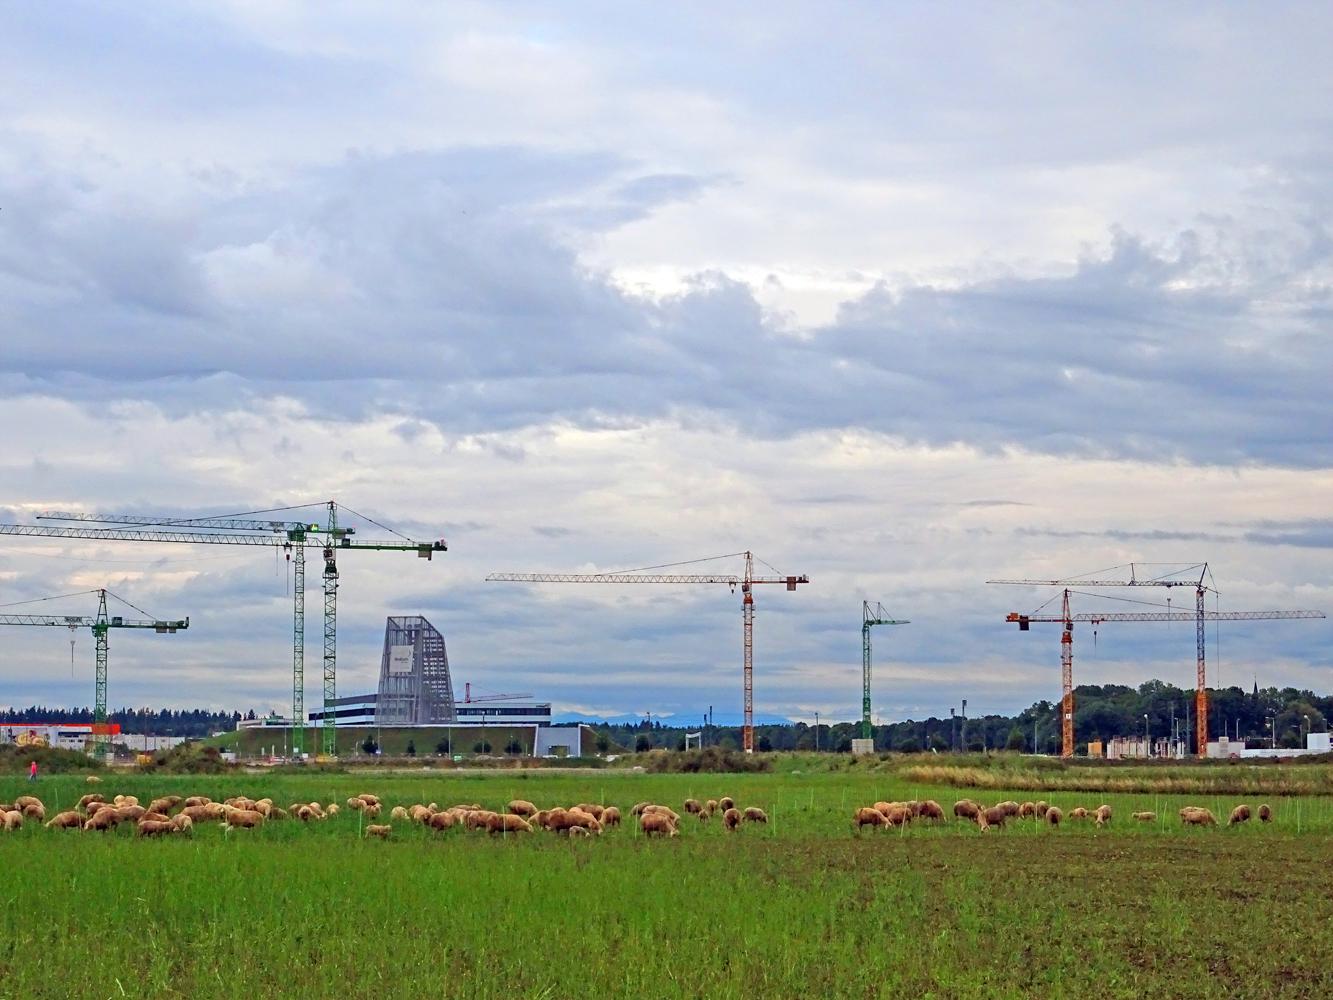 Freiham Feld mit Schafen